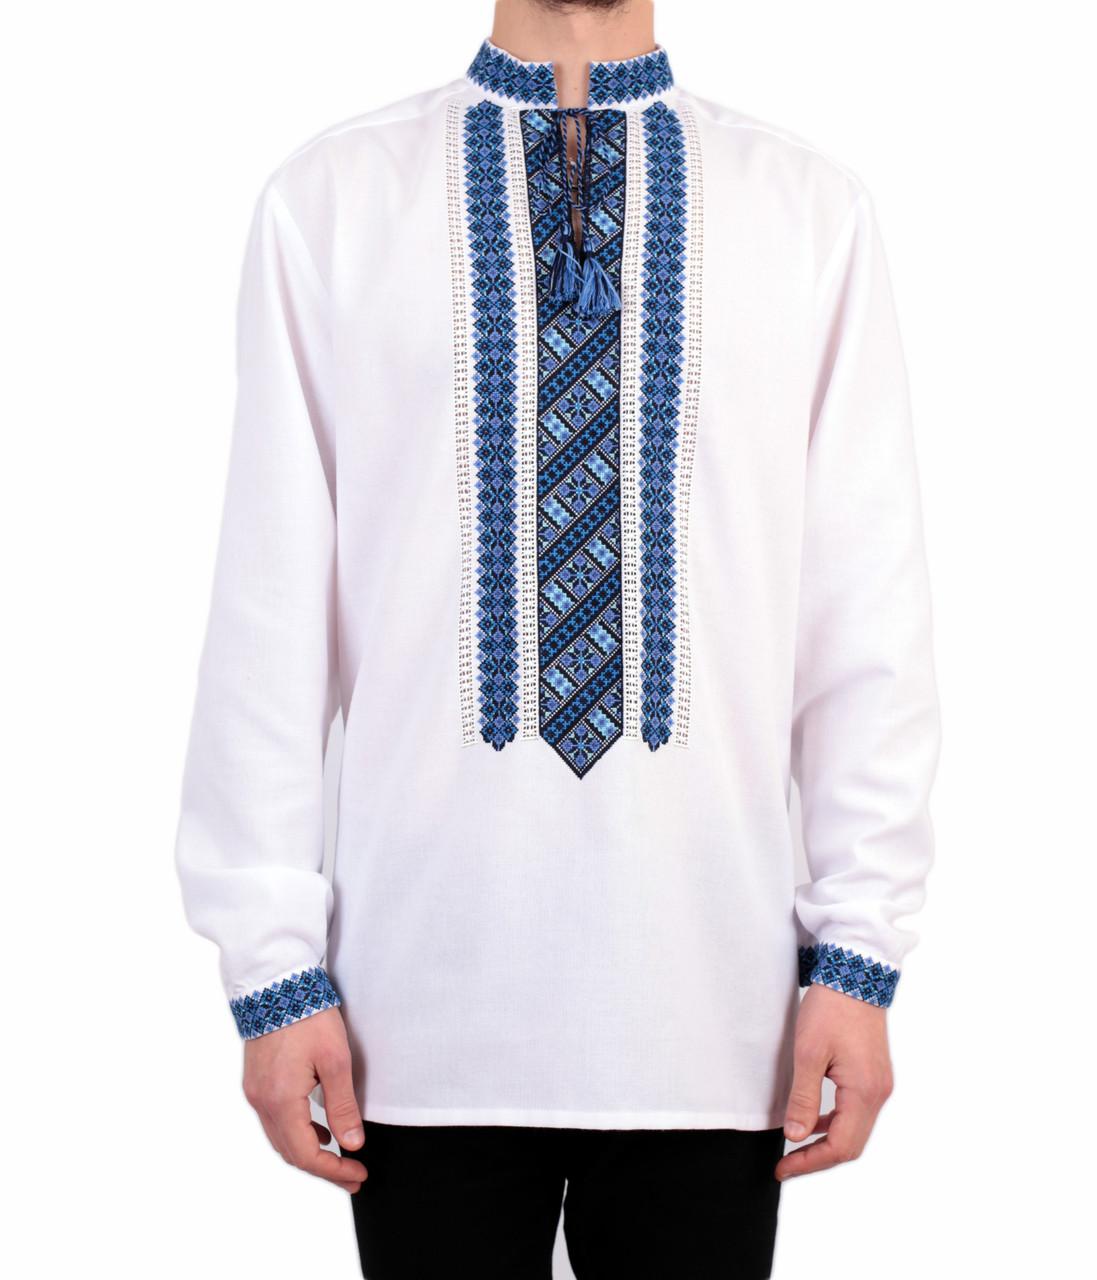 Біла чоловіча вишиванка на довгий рукав з блакитним орнаментом ручної роботи